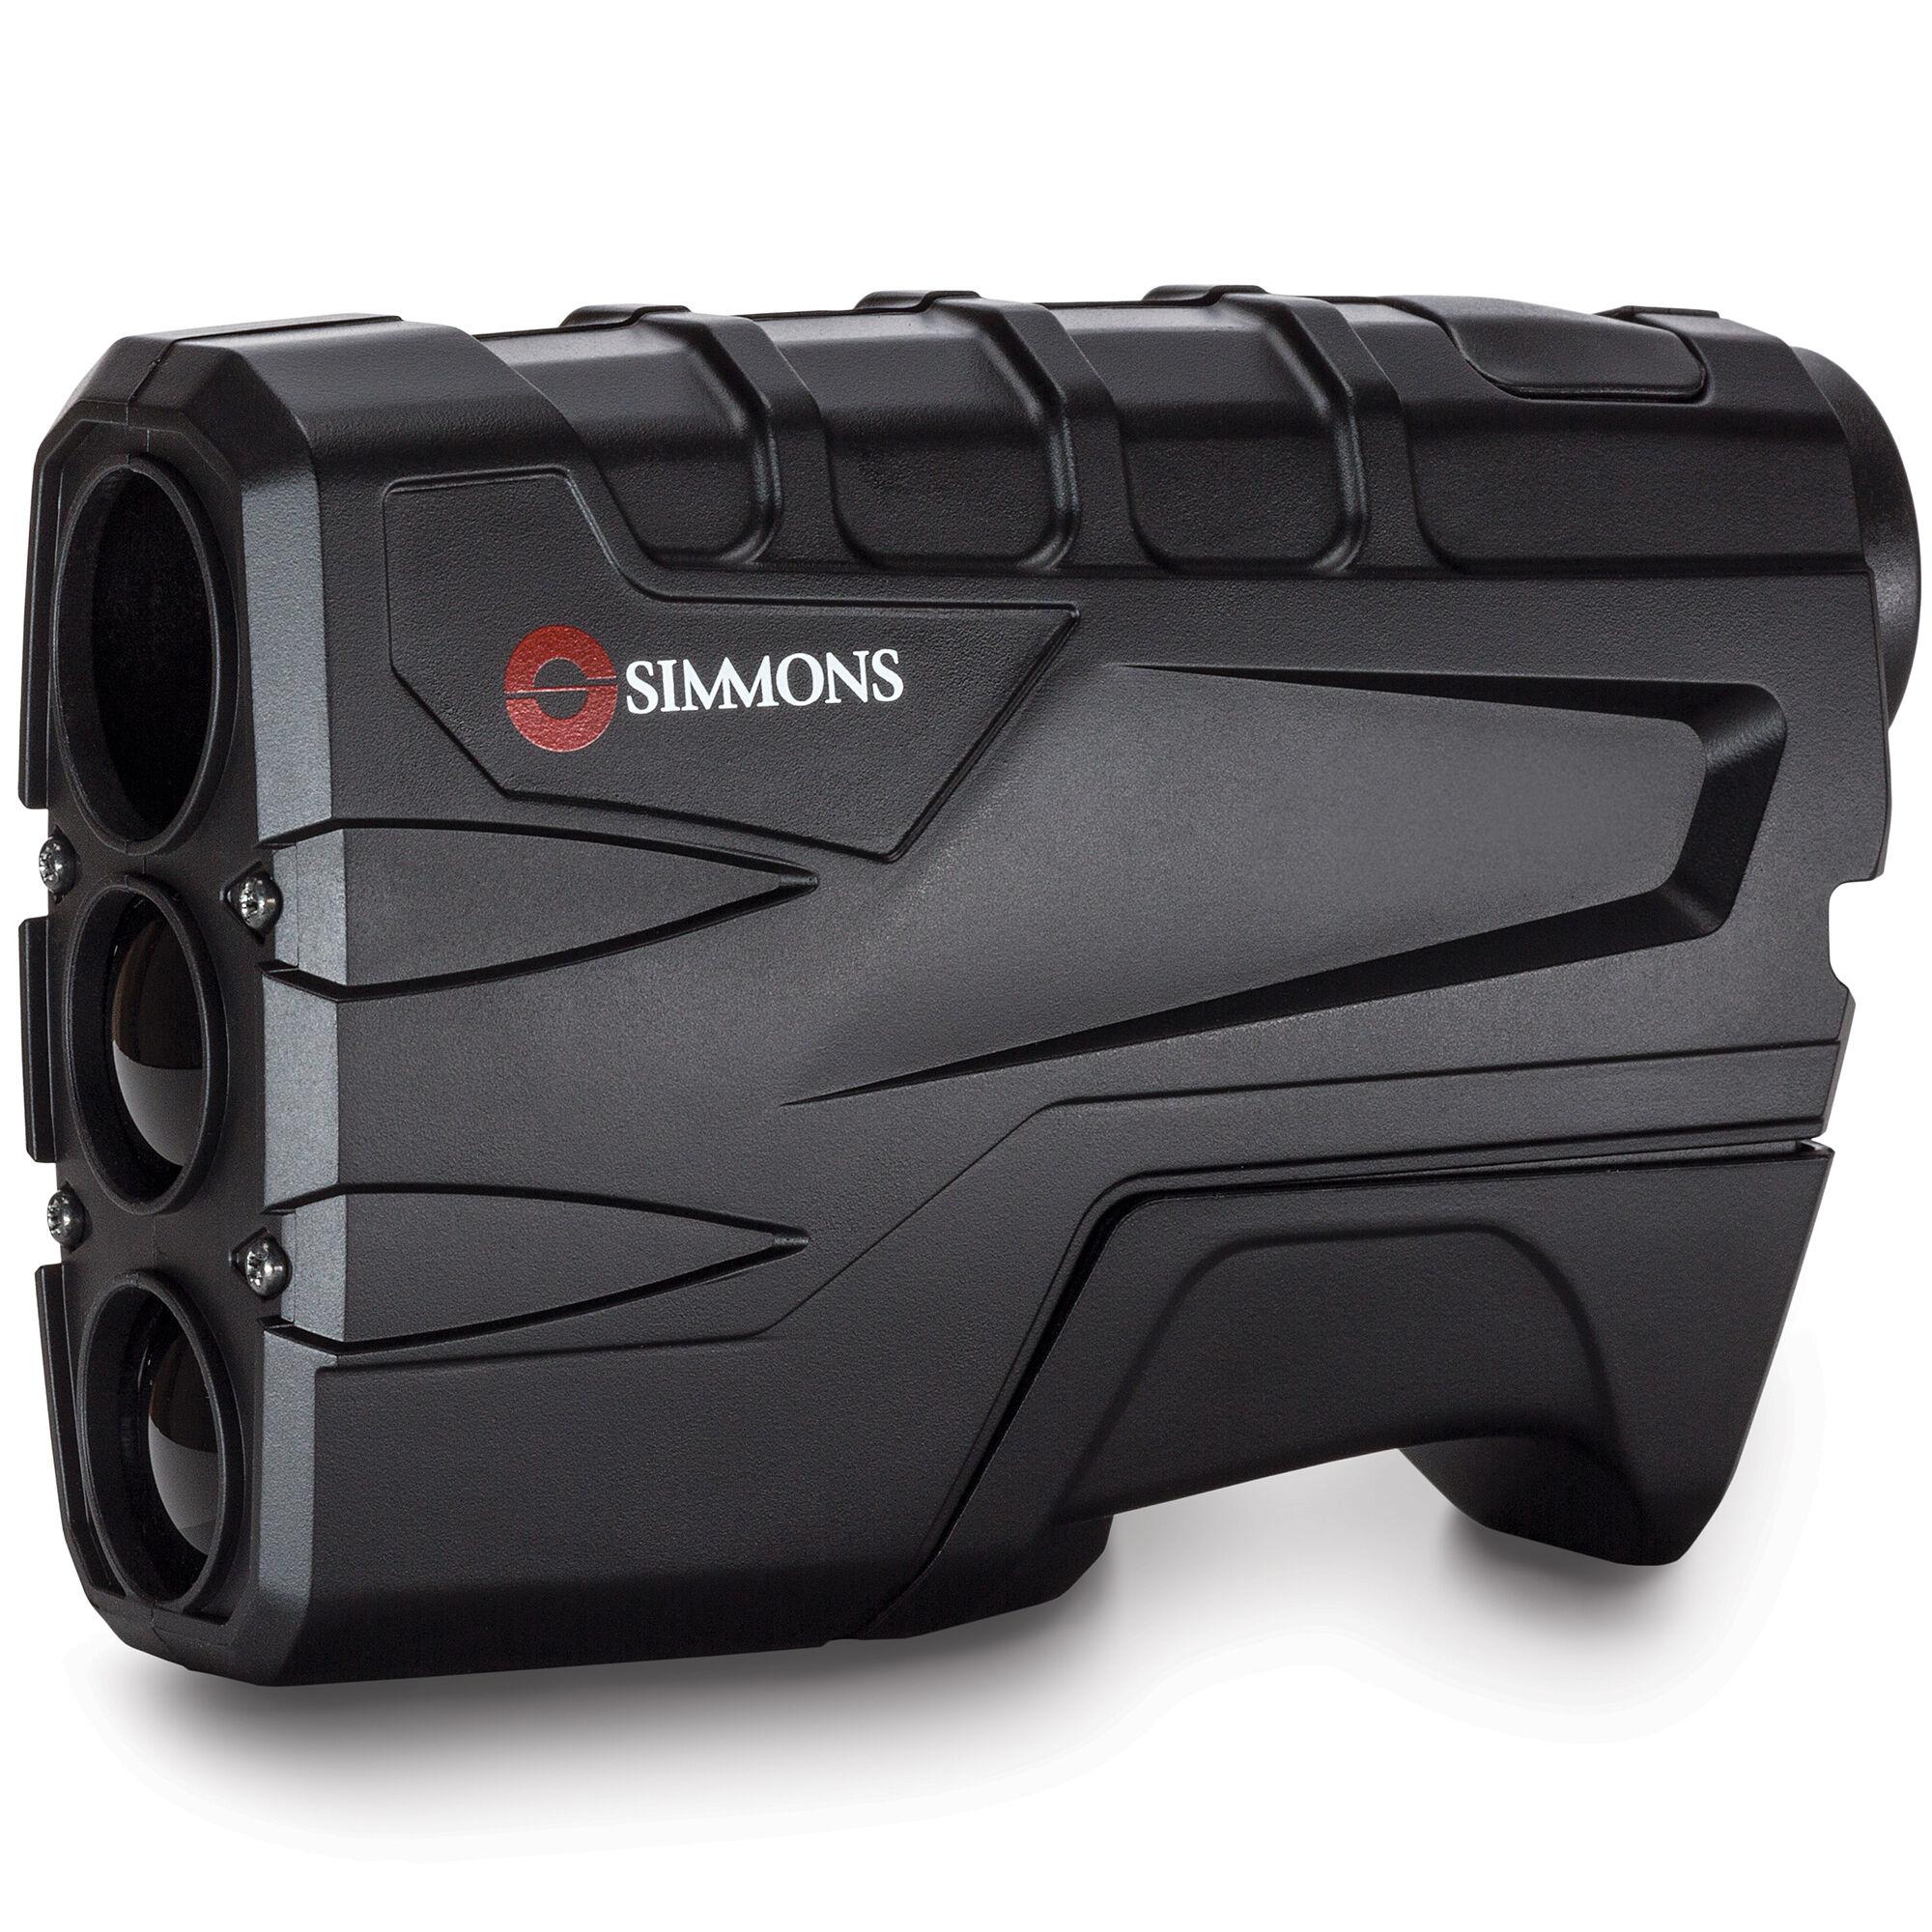 Simmons Volt 600 Laser Rangefinder Gander Outdoors